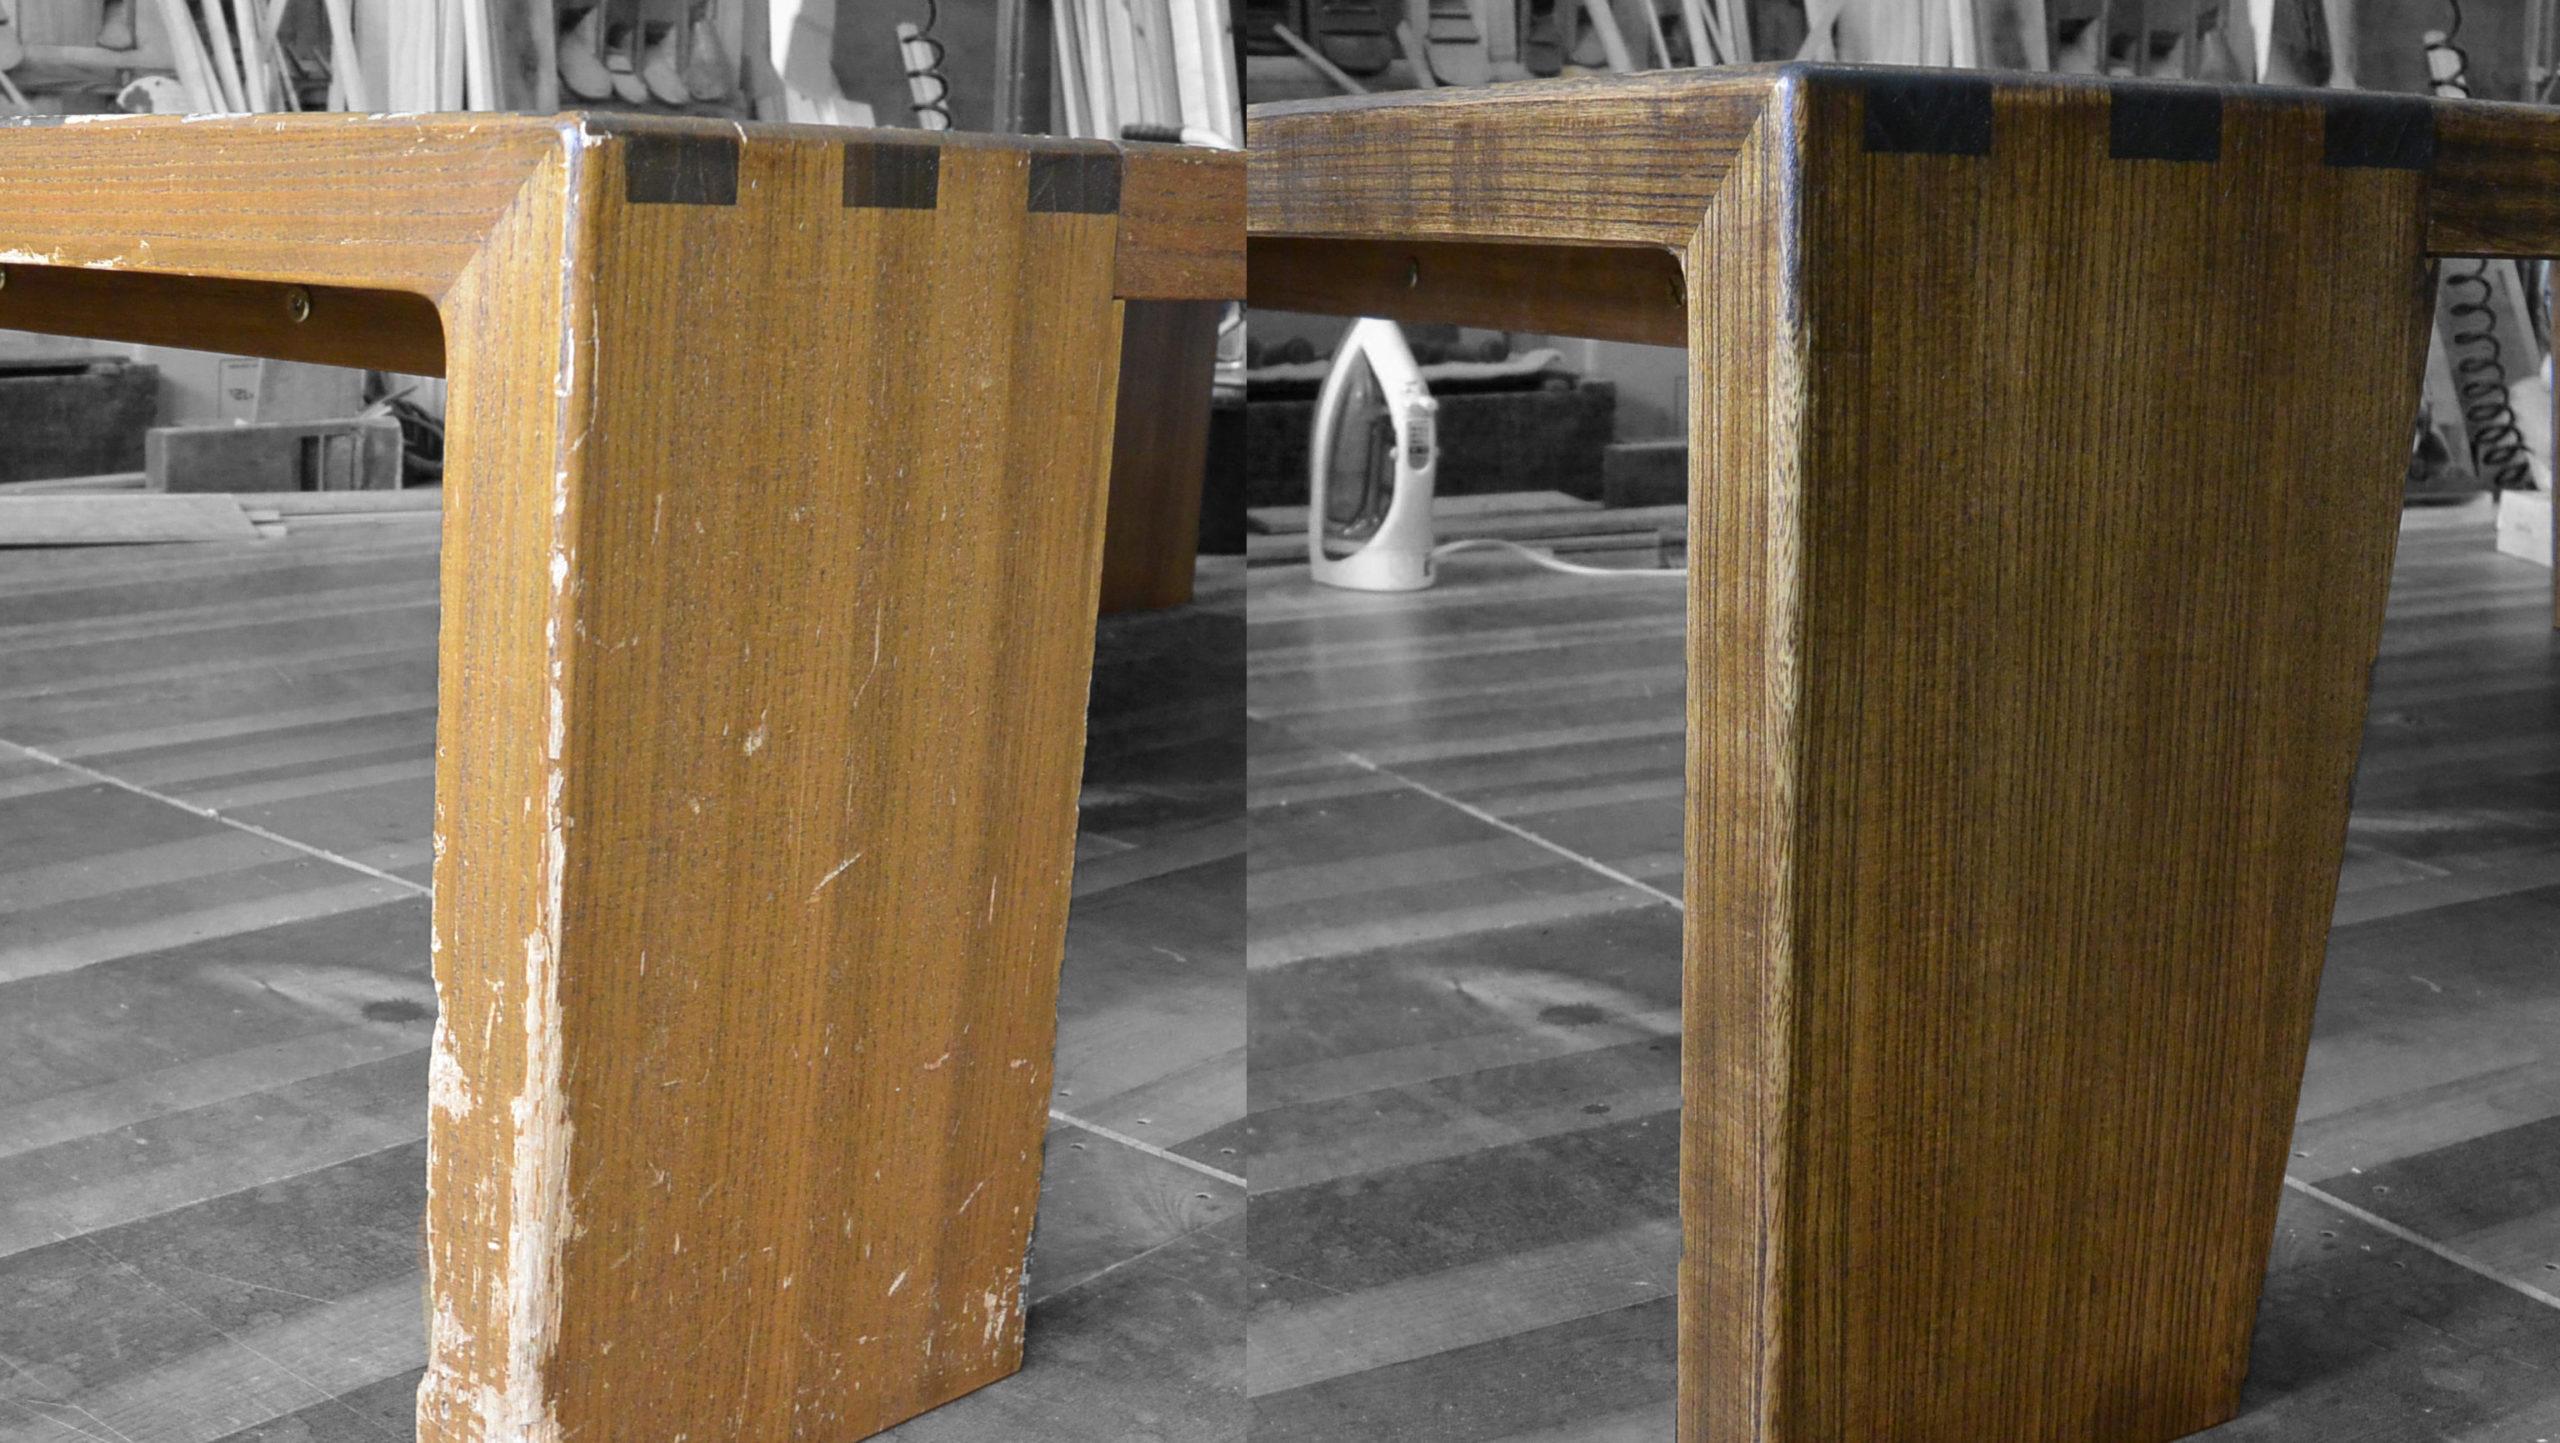 総桐の座卓が犬にかじられたり塗装がハゲたりしたので修理再生しました